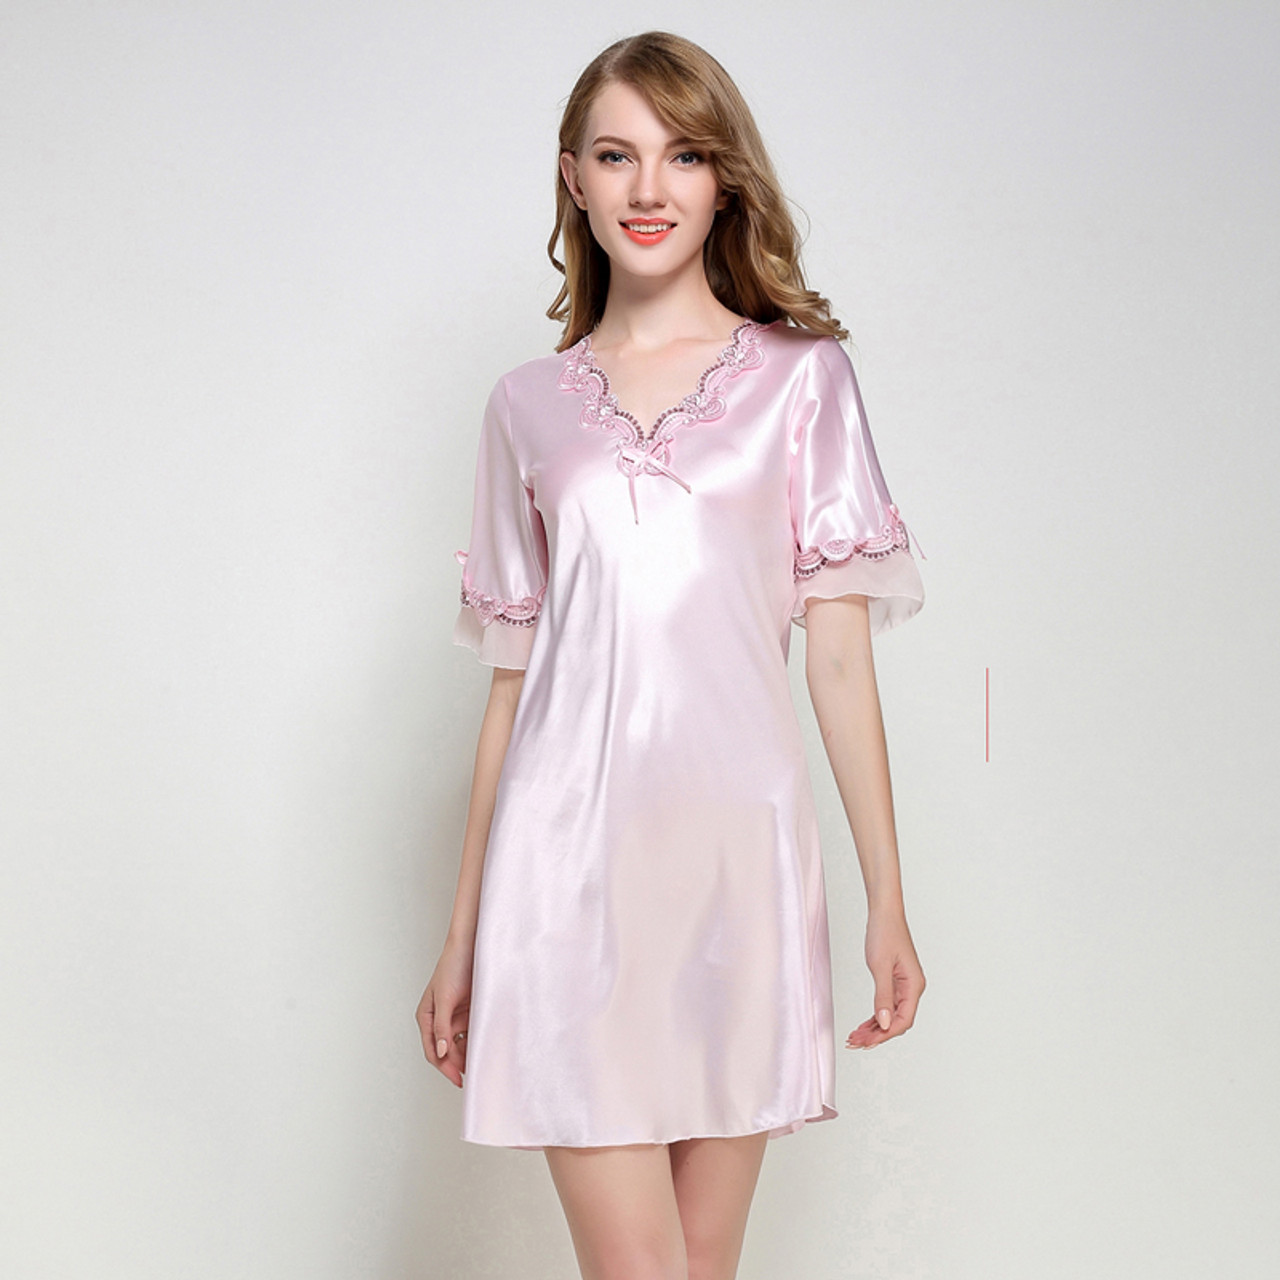 b9b867ea02 ... Women Silk Satin Nightgown Short Sleeve Sleepshirt V-neck Night Shirt  Elegant Night Dress Lace ...